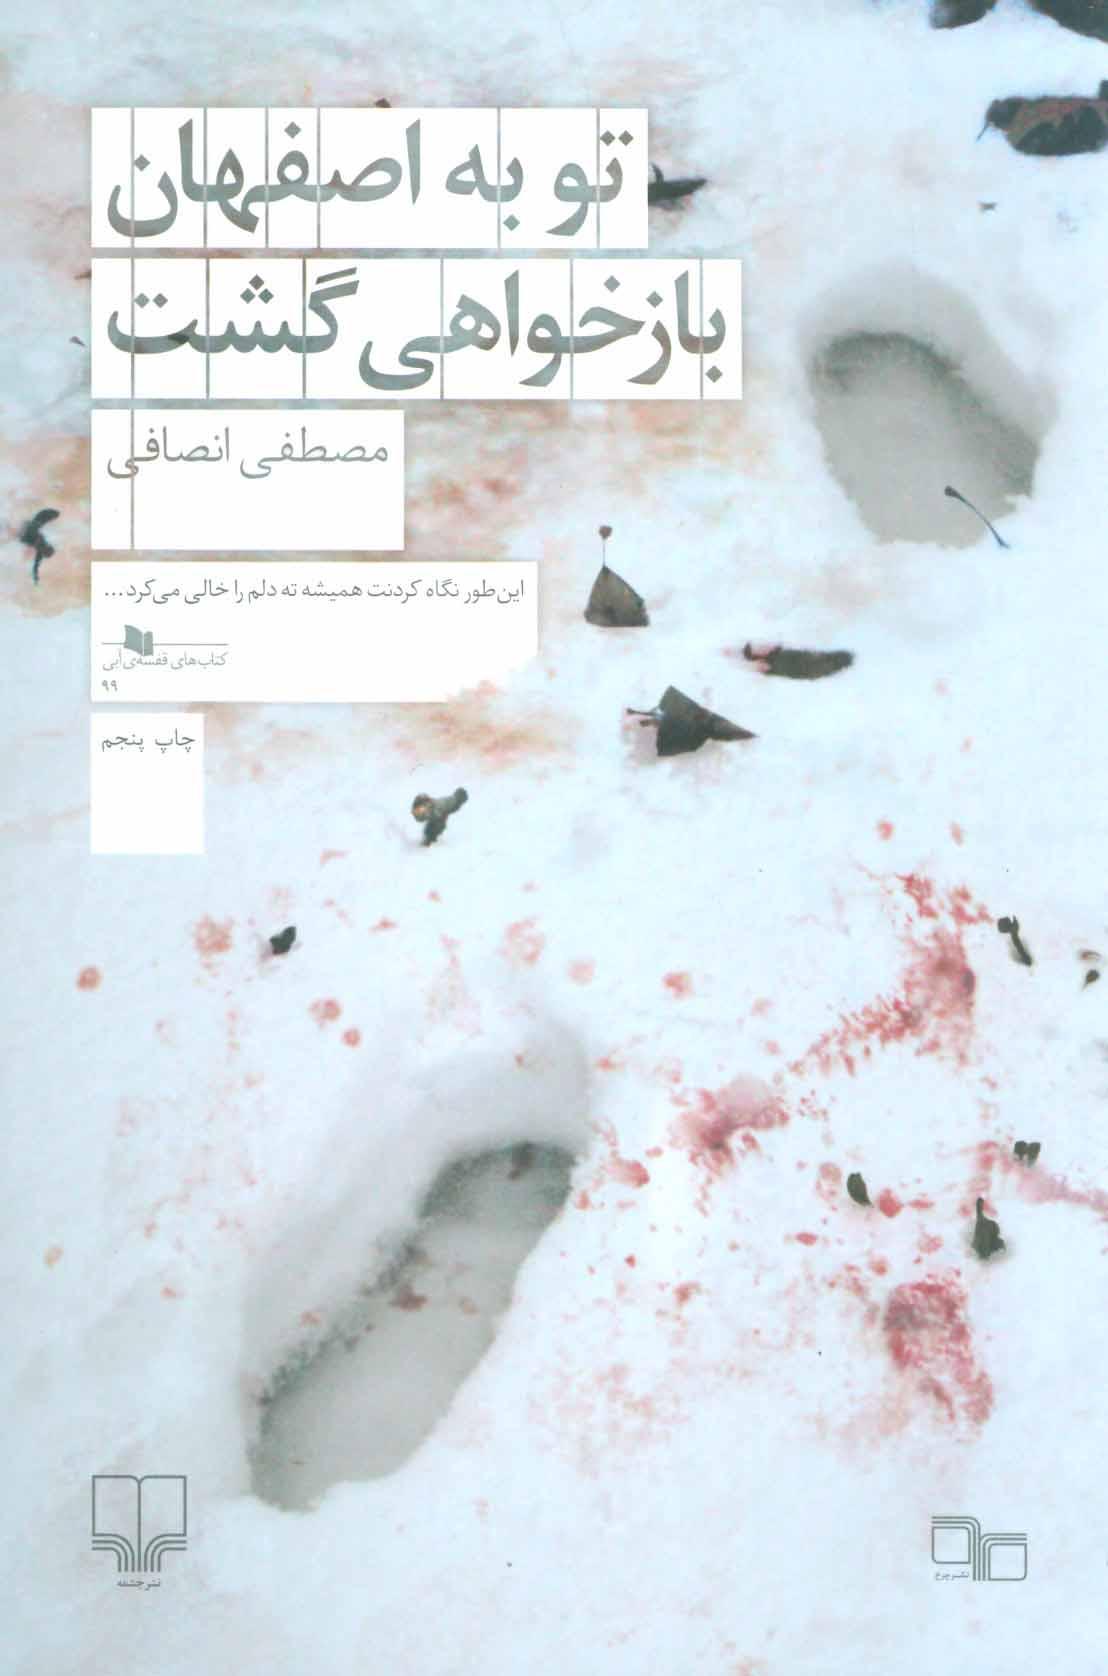 تو به اصفهان بازخواهی گشت (کتاب های قفسه ی آبی99)